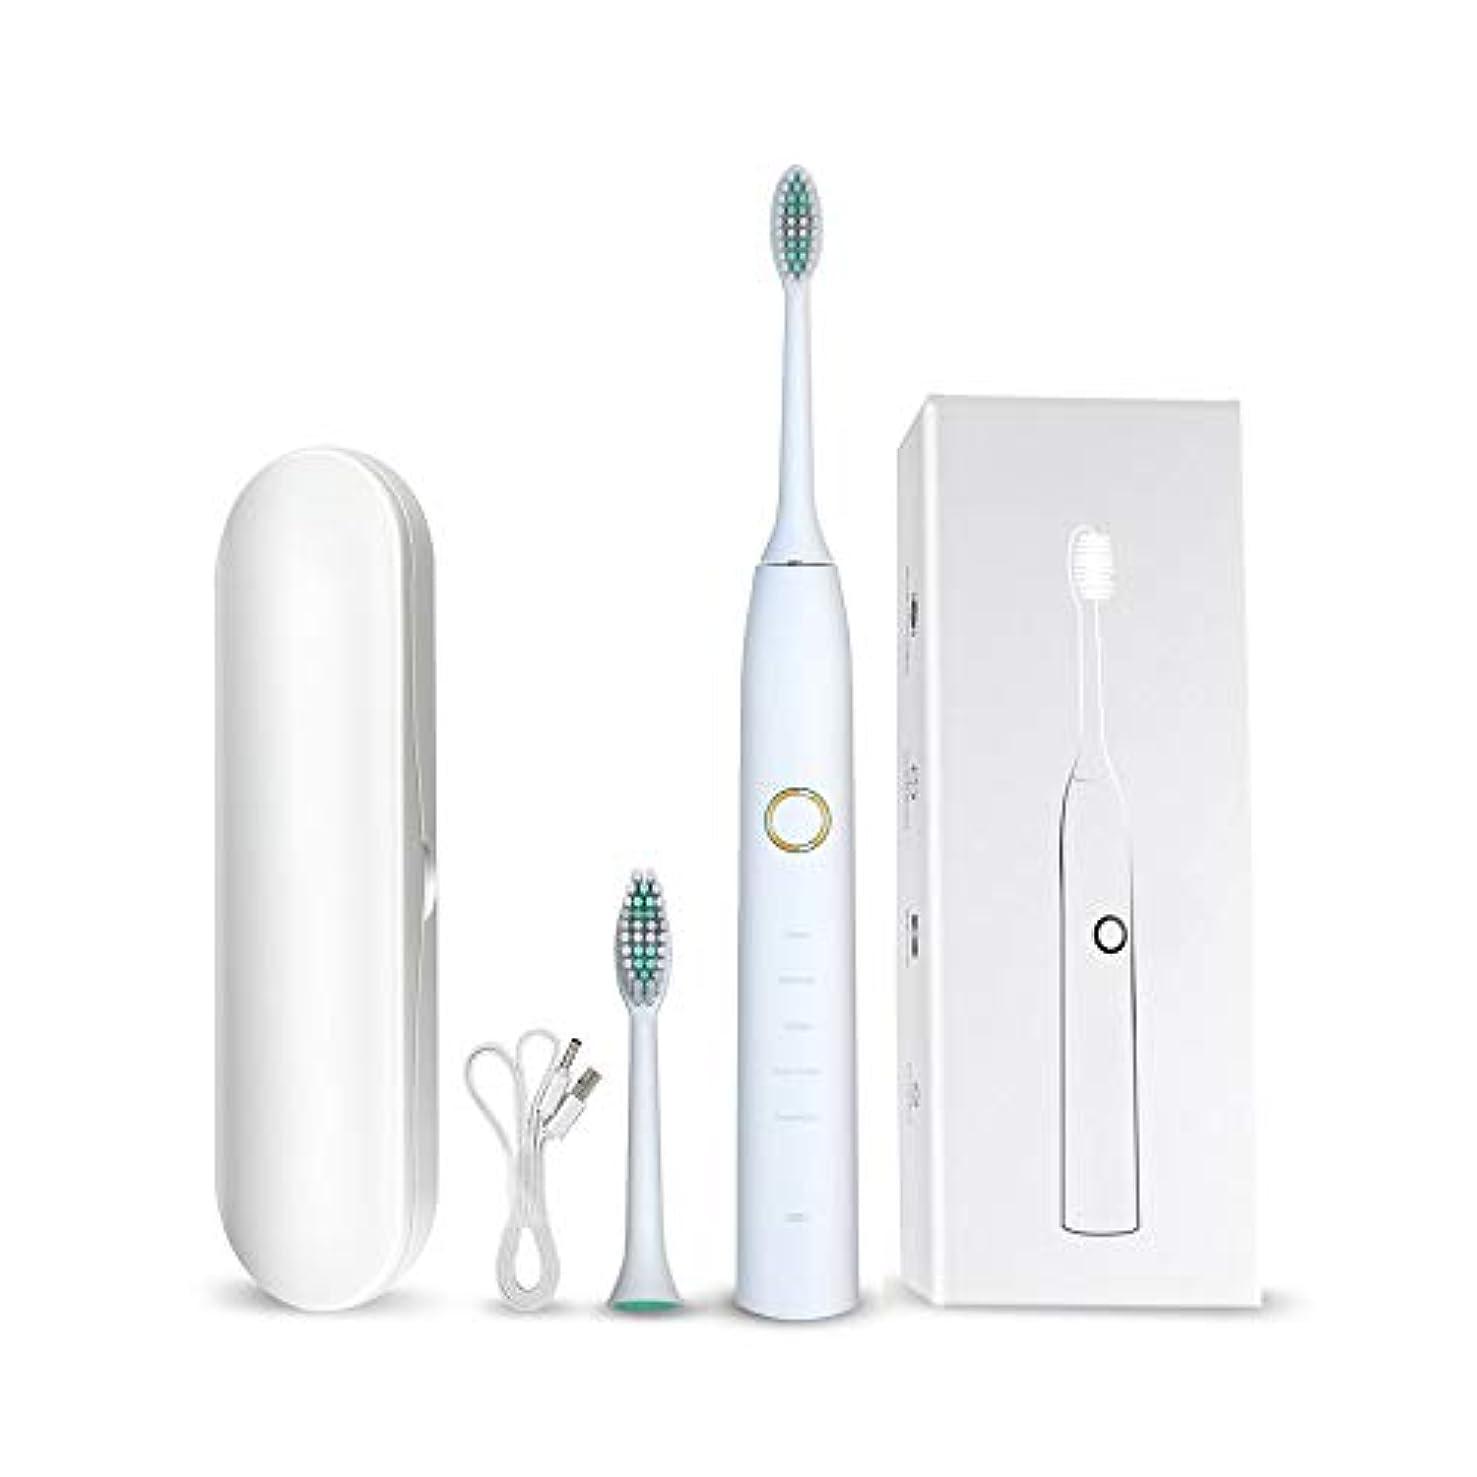 セラフ共感する修復いっぱい 体 防水 自動 ホワイトニング 電気の 歯ブラシ オーラル クリーニング 歯ブラシ 5 種類 の ケア モード 2 議事録 タイミング、 30 秒 エリア 催促状 関数,White